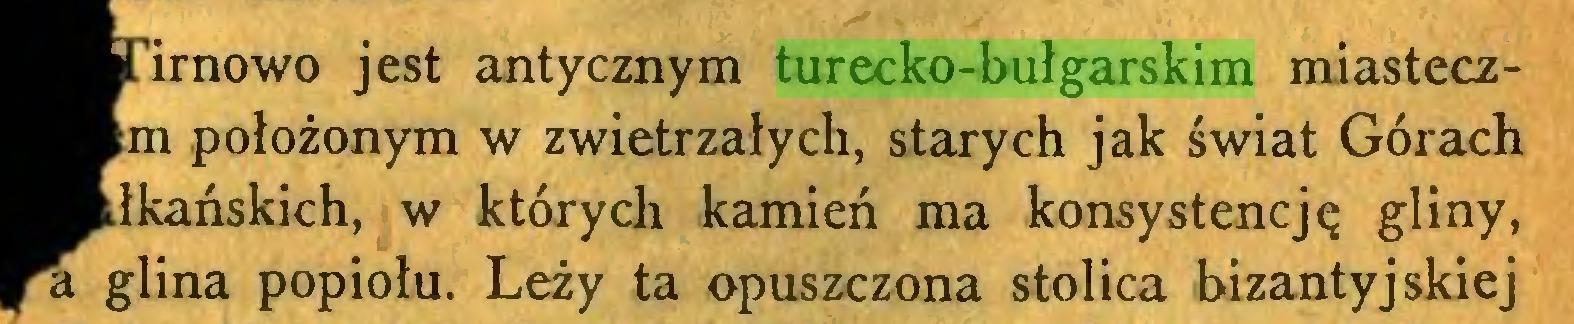 (...) irnowo jest antycznym turecko-bułgarskim miasteczm położonym w zwietrzałych, starych jak świat Górach łkańskich, w których kamień ma konsystencję gliny, a glina popiołu. Leży ta opuszczona stolica bizantyjskiej...